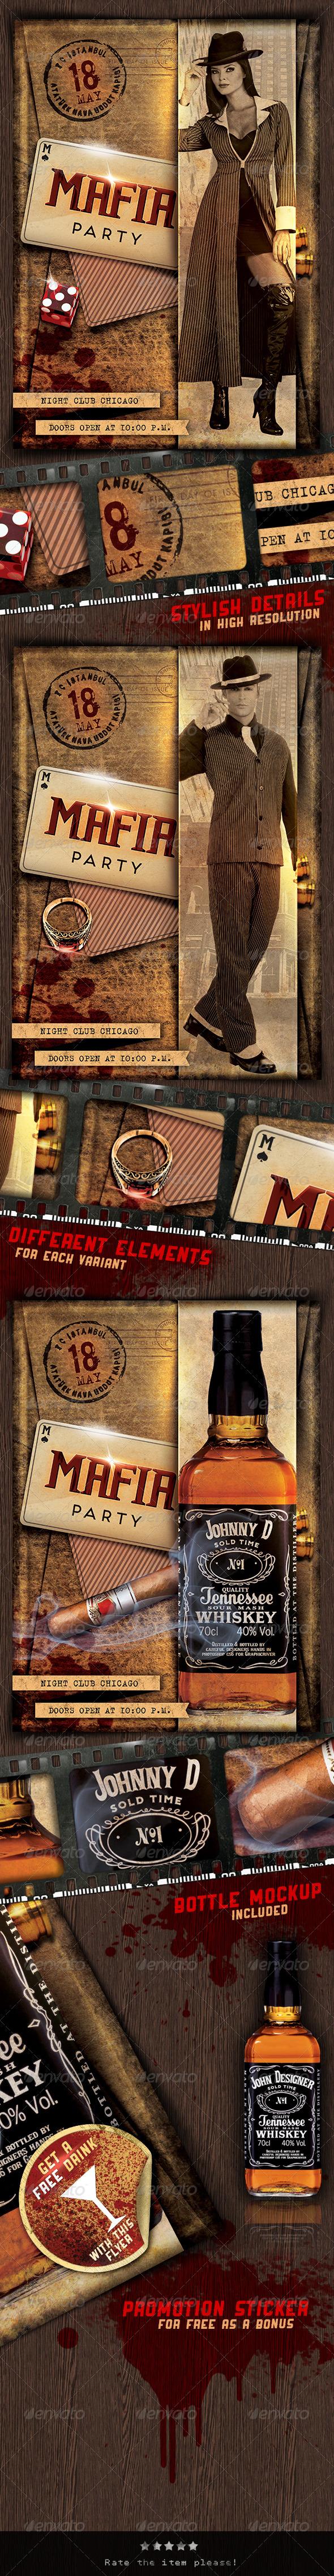 GraphicRiver Mafia Party Flyer 4640373